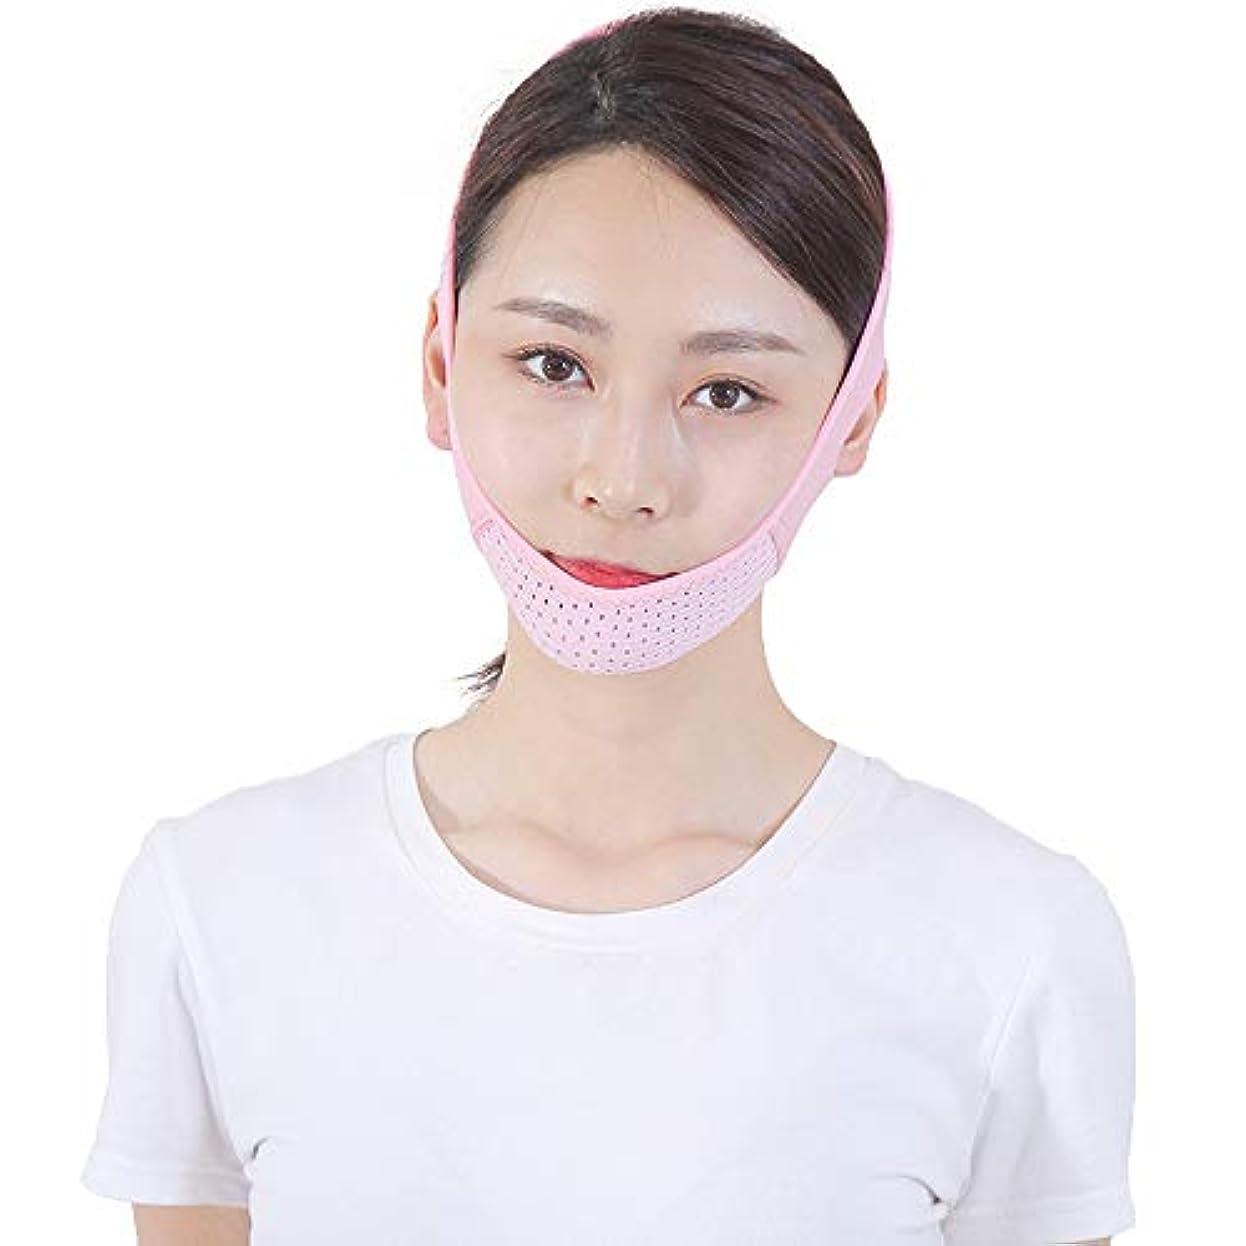 四分円ラグチャネルフェイスリフトベルト 薄い顔のベルト - 薄い顔のベルト通気性のある顔の包帯ダブルチンの顔リフトの人工物Vのフェイスベルト薄い顔のマスク